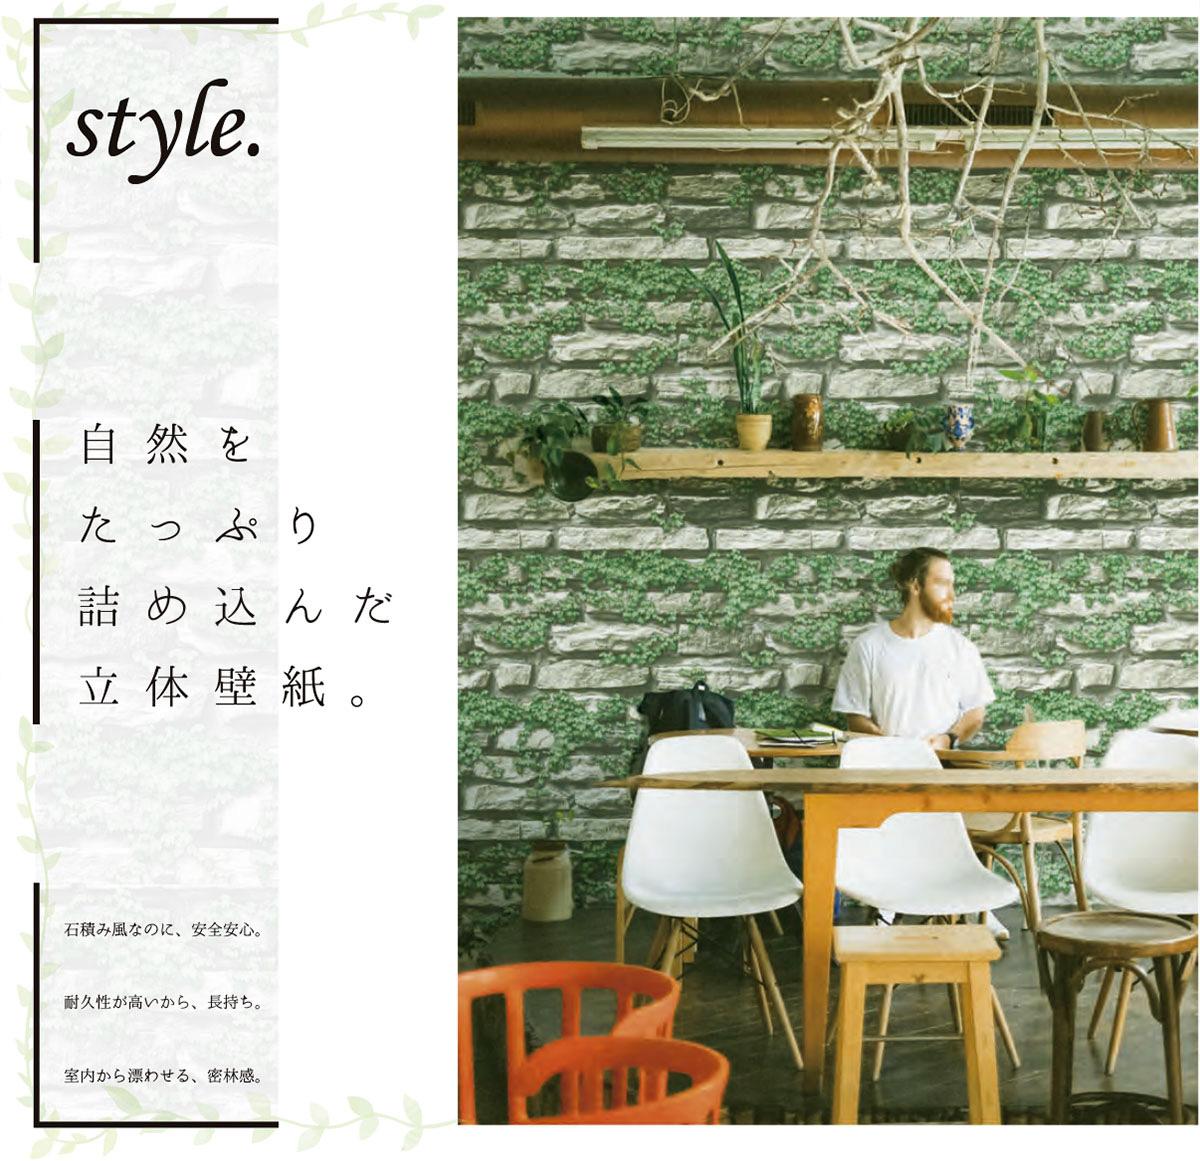 style. 自然をたっぷり詰め込んだ立体壁紙。